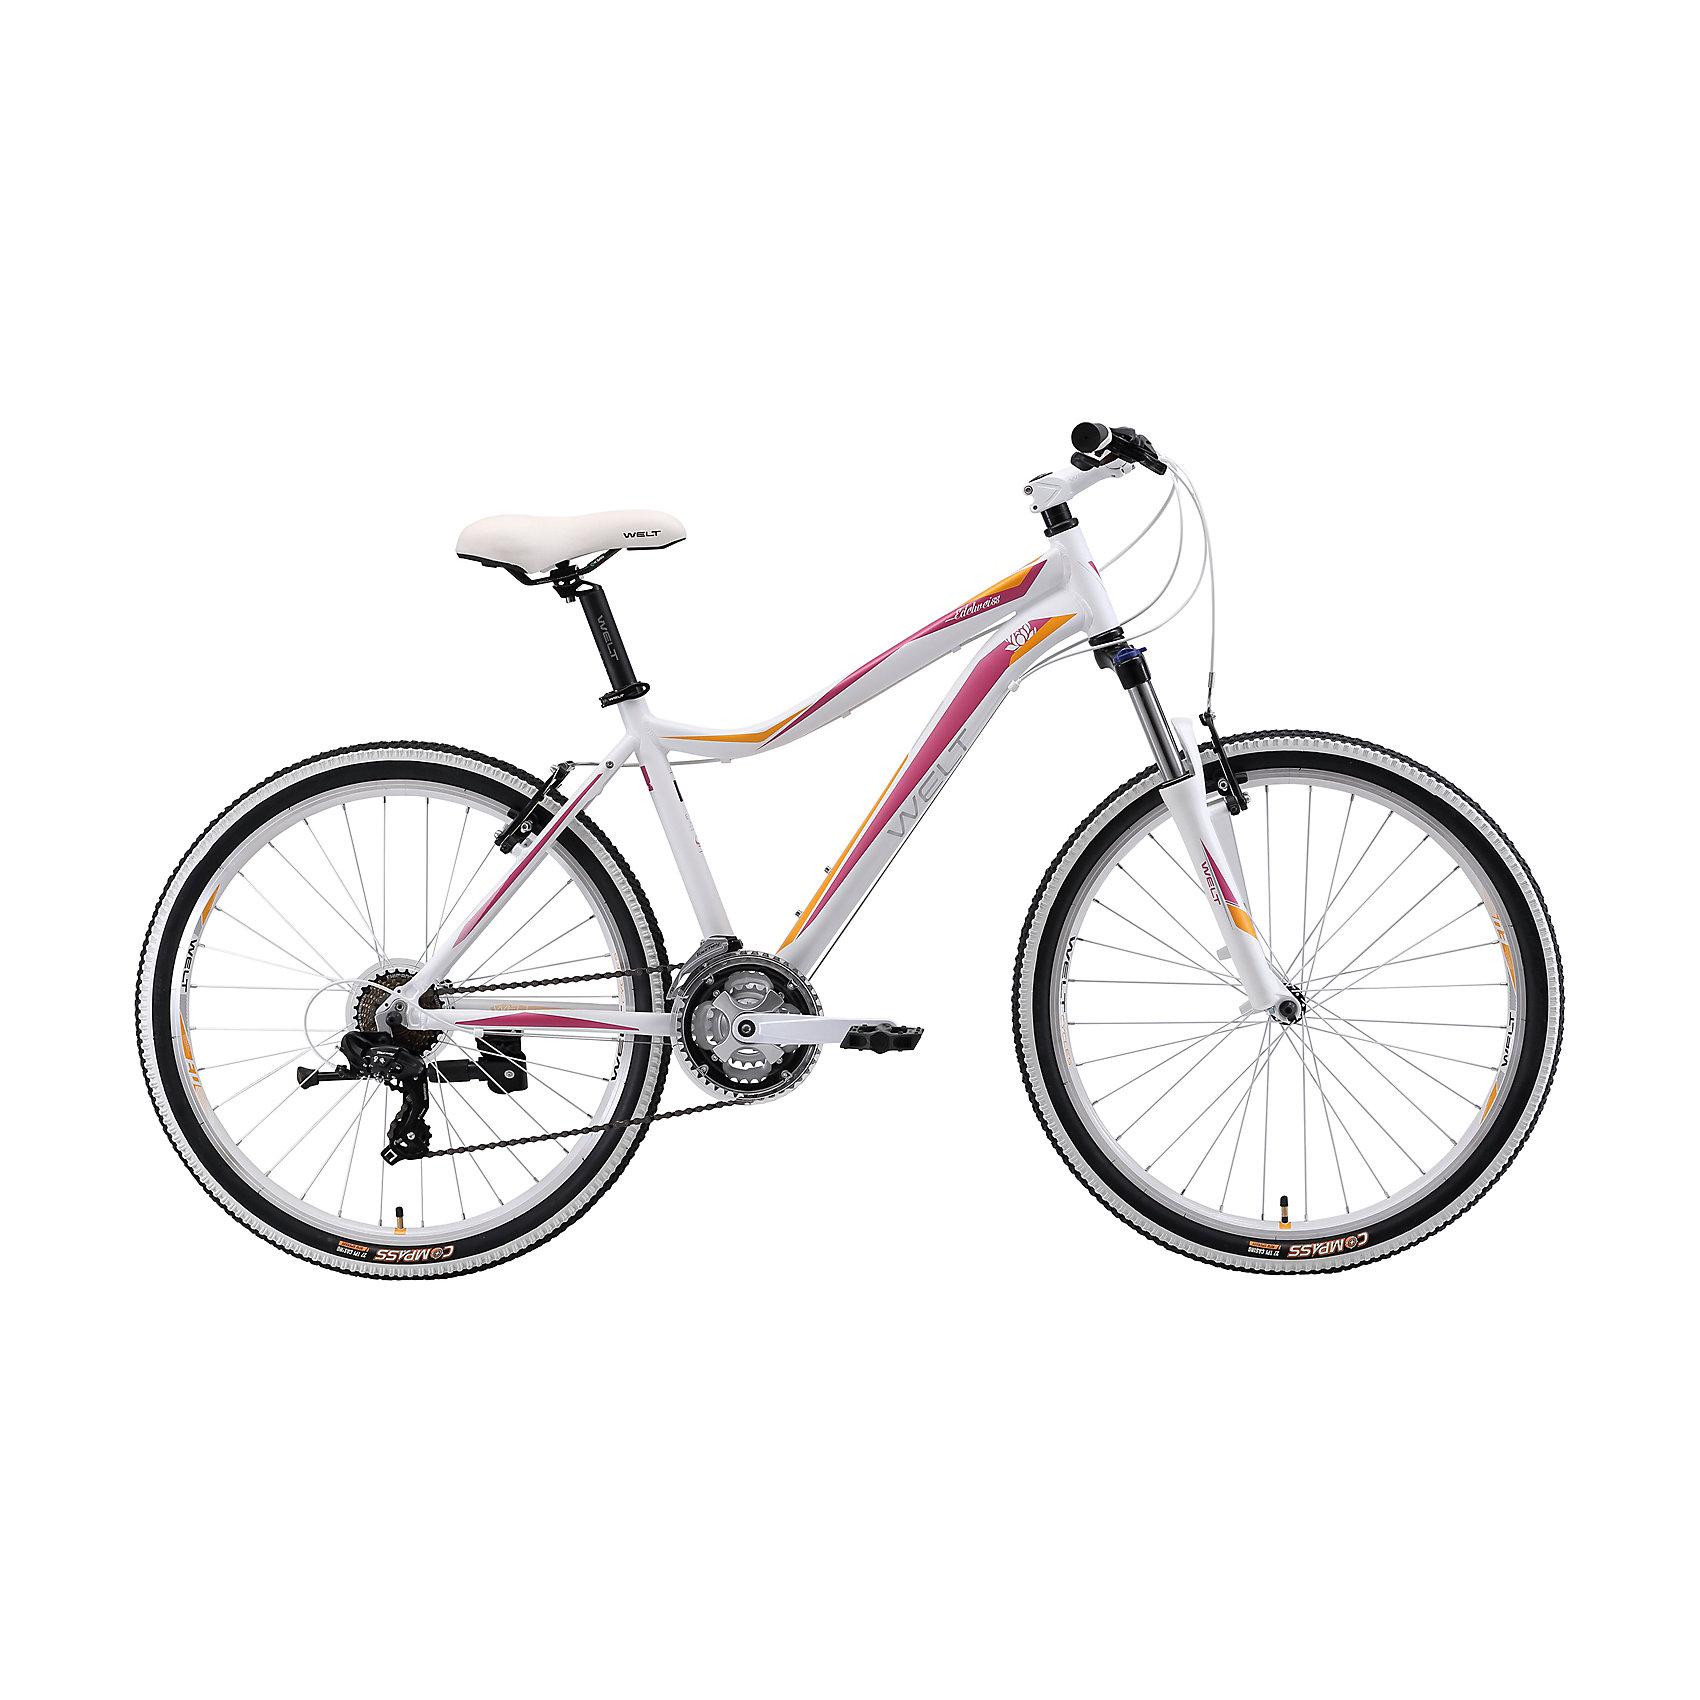 Велосипед  Edelweiss 1.0, 15, 5 дюймов, бело-фиолетовый, WeltВелосипеды детские<br>Характеристики товара:<br><br>• цвет: белый, фиолетовый<br>• рама: Alloy 6061 <br>• размер рамы: 16,20<br>• диаметр колес: 26<br>• кол-во скоростей: 21<br>• тип вилки: амортизационная<br>• вилка: WELT MRK MLO 100mm<br>• переключатель задний : Shimano TY-300<br>• переключатель передний: Shimano TZ-30<br>• шифтеры: Shimano EF-51<br>• тип тормозов: V-brake<br>• тормоза: Alloy YX-122<br>• система: steel 42/34/24<br>• кассета: Shimano HG20 12-28T<br>• тип рулевой колонки:  1-1/8 безрезьбовая<br>• покрышки: Compass 26 x 2,1<br>• страна бренда: Германия <br><br>Элегантная модель велосипеда Edelweiss разработана для эксплуатации как в городе, так и на легком бездорожье. Цвет рамы, стиль и дизайн подчеркивают женственность, сохраняя спортивные черты. <br><br>Велосипед  Edelweiss 1.0 D, 15,5 дюймов, бело-фиолетовый, Welt можно купить в нашем интернет-магазине.<br><br>Ширина мм: 1450<br>Глубина мм: 200<br>Высота мм: 800<br>Вес г: 16500<br>Возраст от месяцев: 168<br>Возраст до месяцев: 2147483647<br>Пол: Женский<br>Возраст: Детский<br>SKU: 5569419